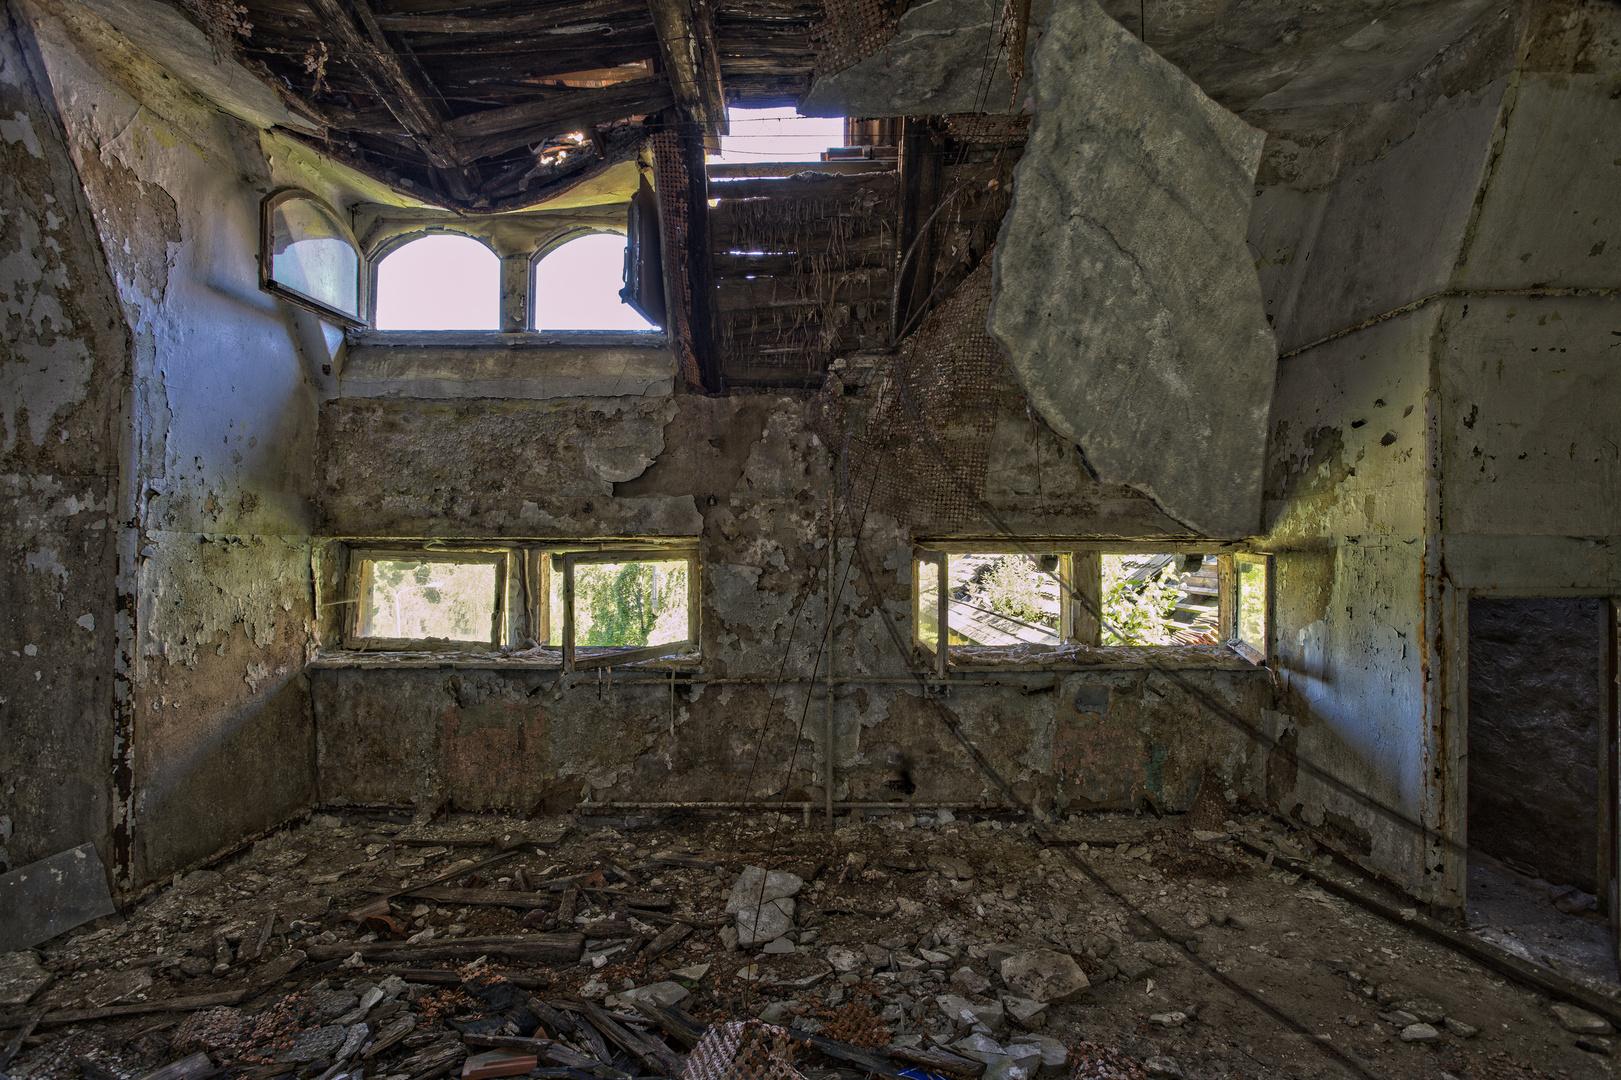 Beelitz Heilstätten - Frauensanatorium (63)